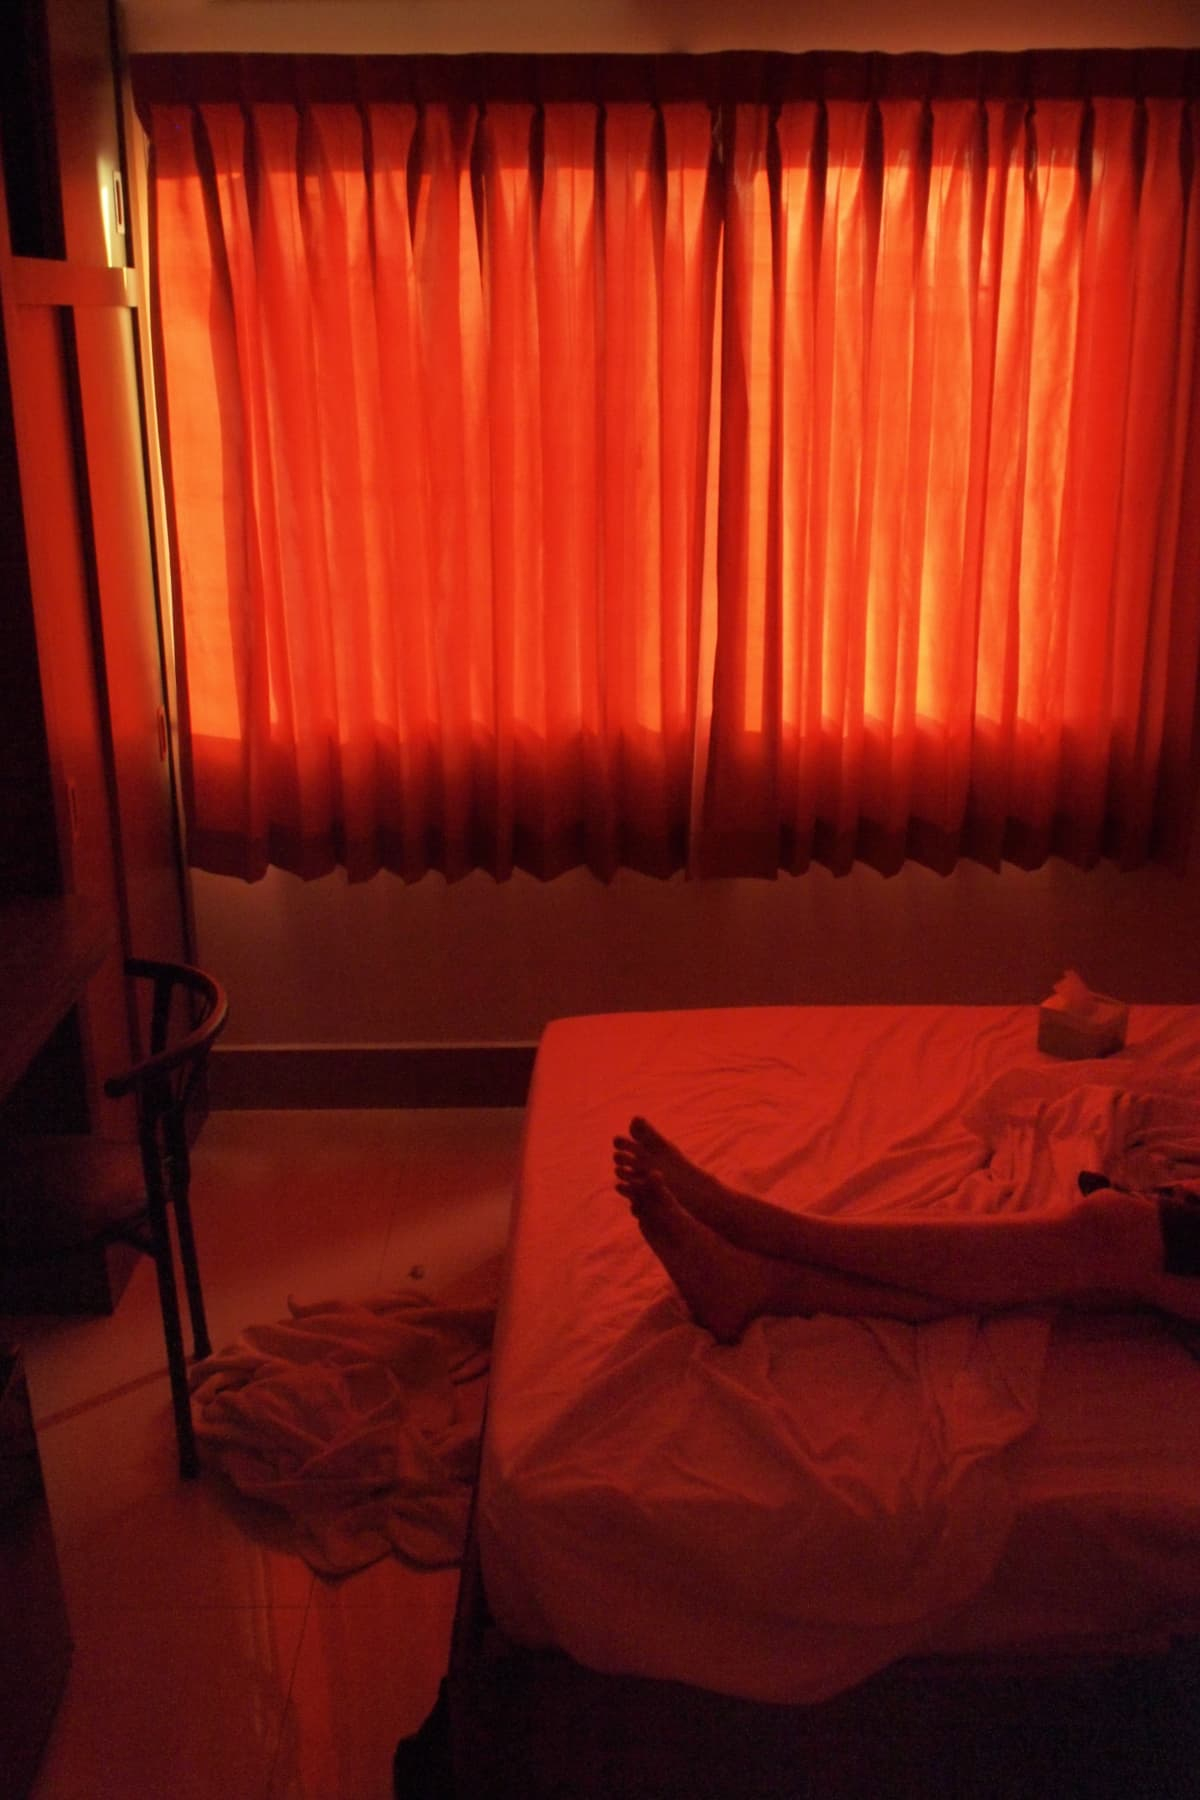 Jalat sängyllä punaiseksi värjäytyneessä huoneessa